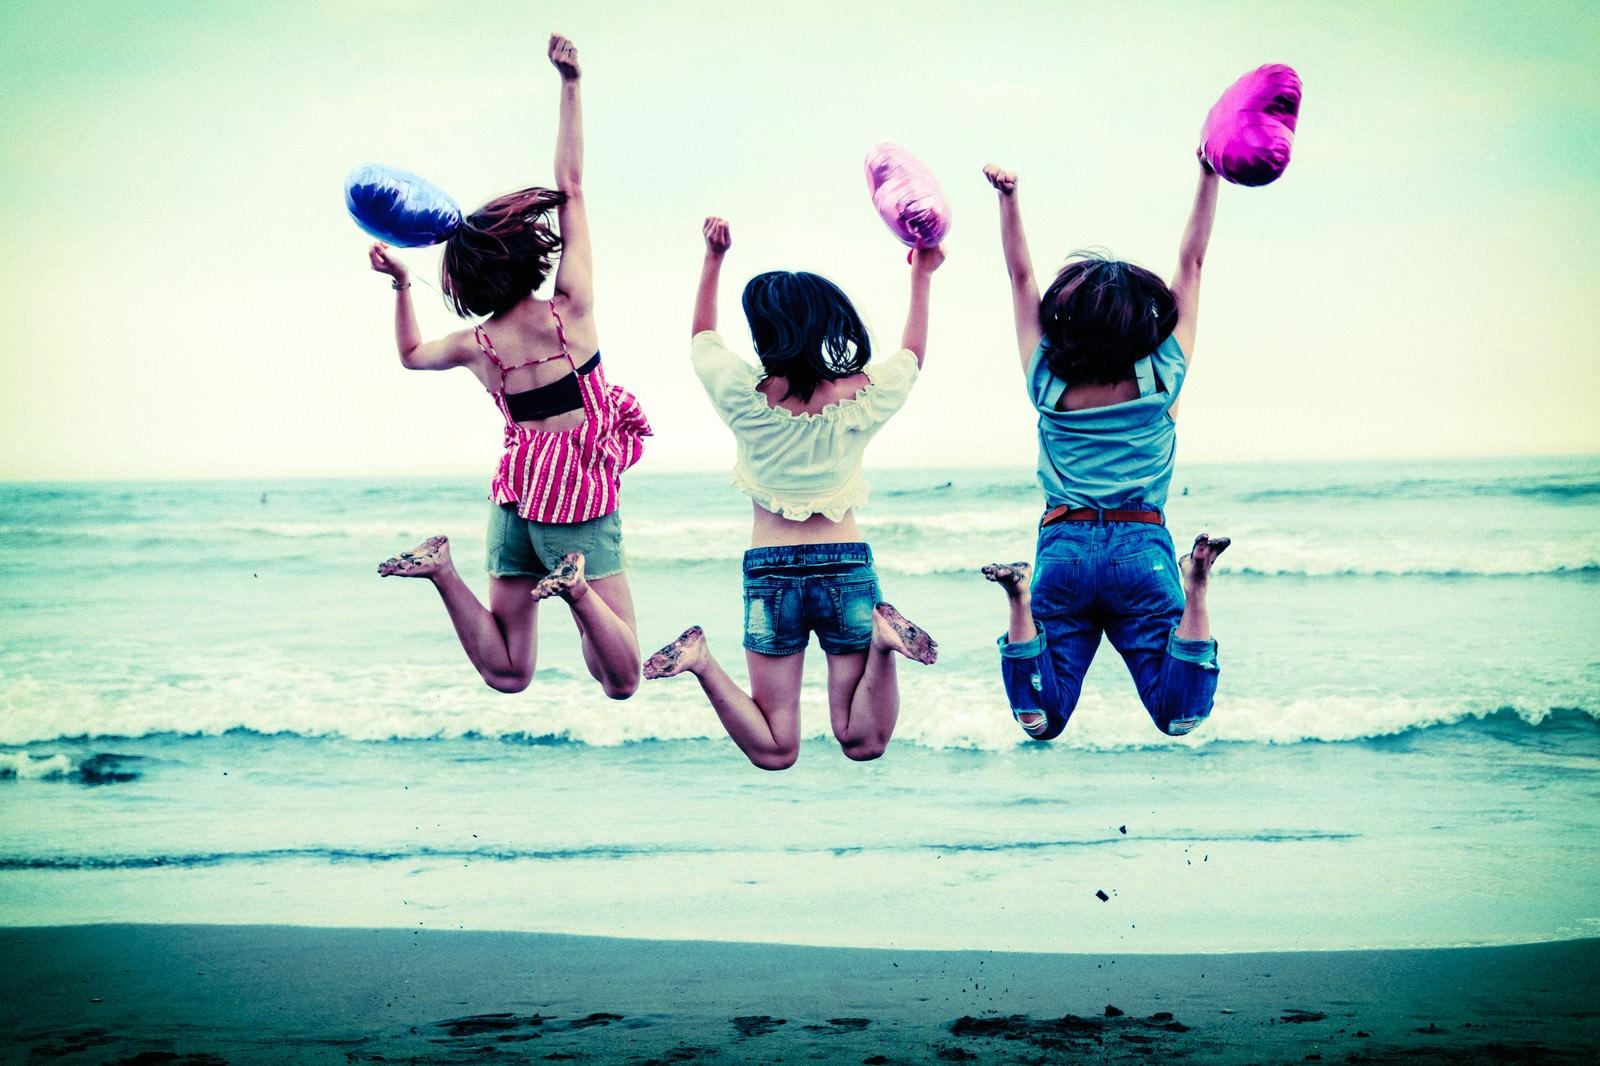 「波打ち際でジャンプするハッピーな若い女性三人組波打ち際でジャンプするハッピーな若い女性三人組」のフリー写真素材を拡大